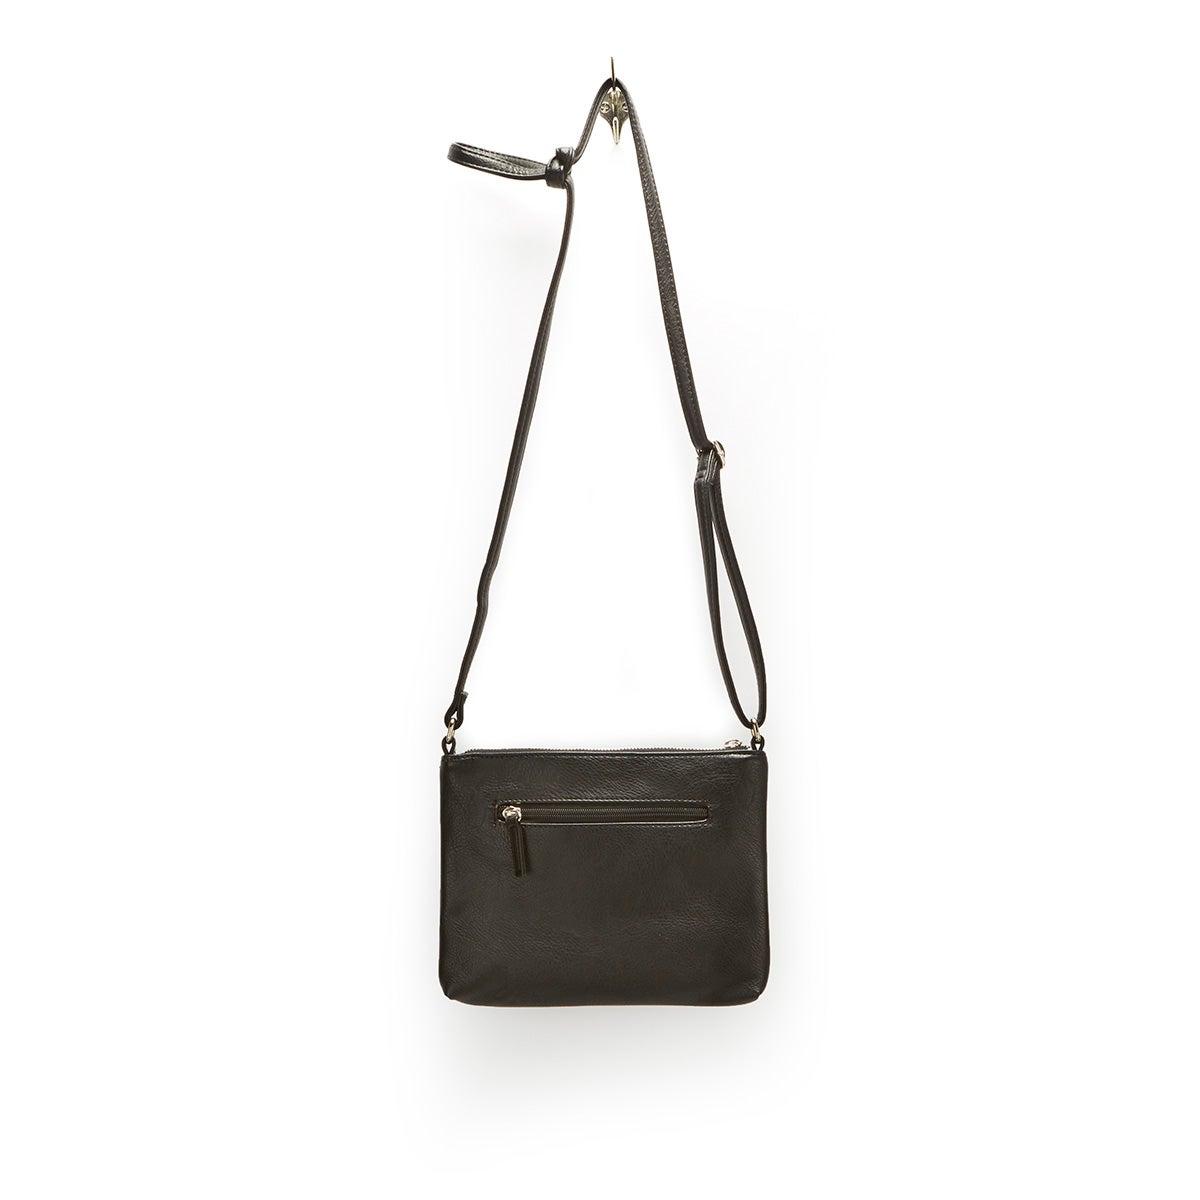 Lds Roots73 blk 3 zipper cross body bag